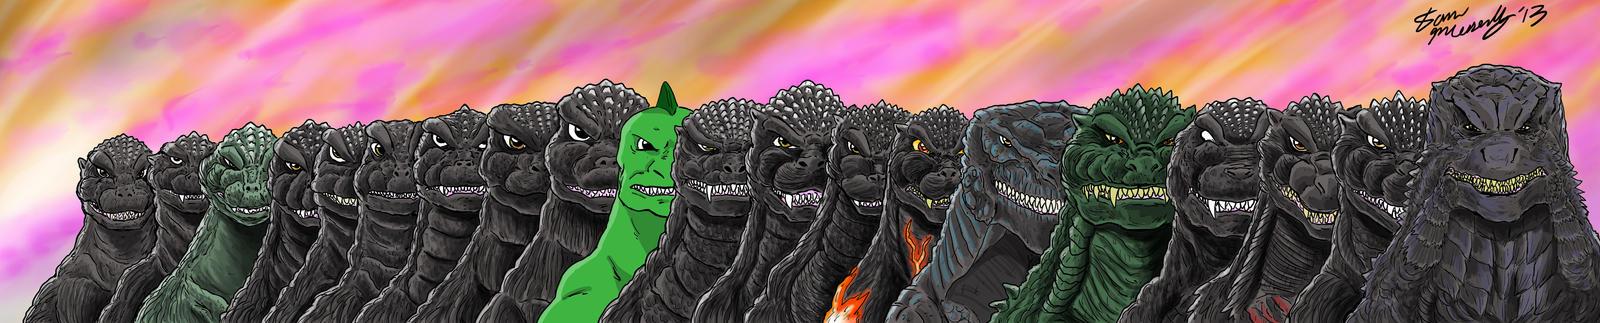 Godzilla Legends Godzilla 2014 Deviant Art Selection